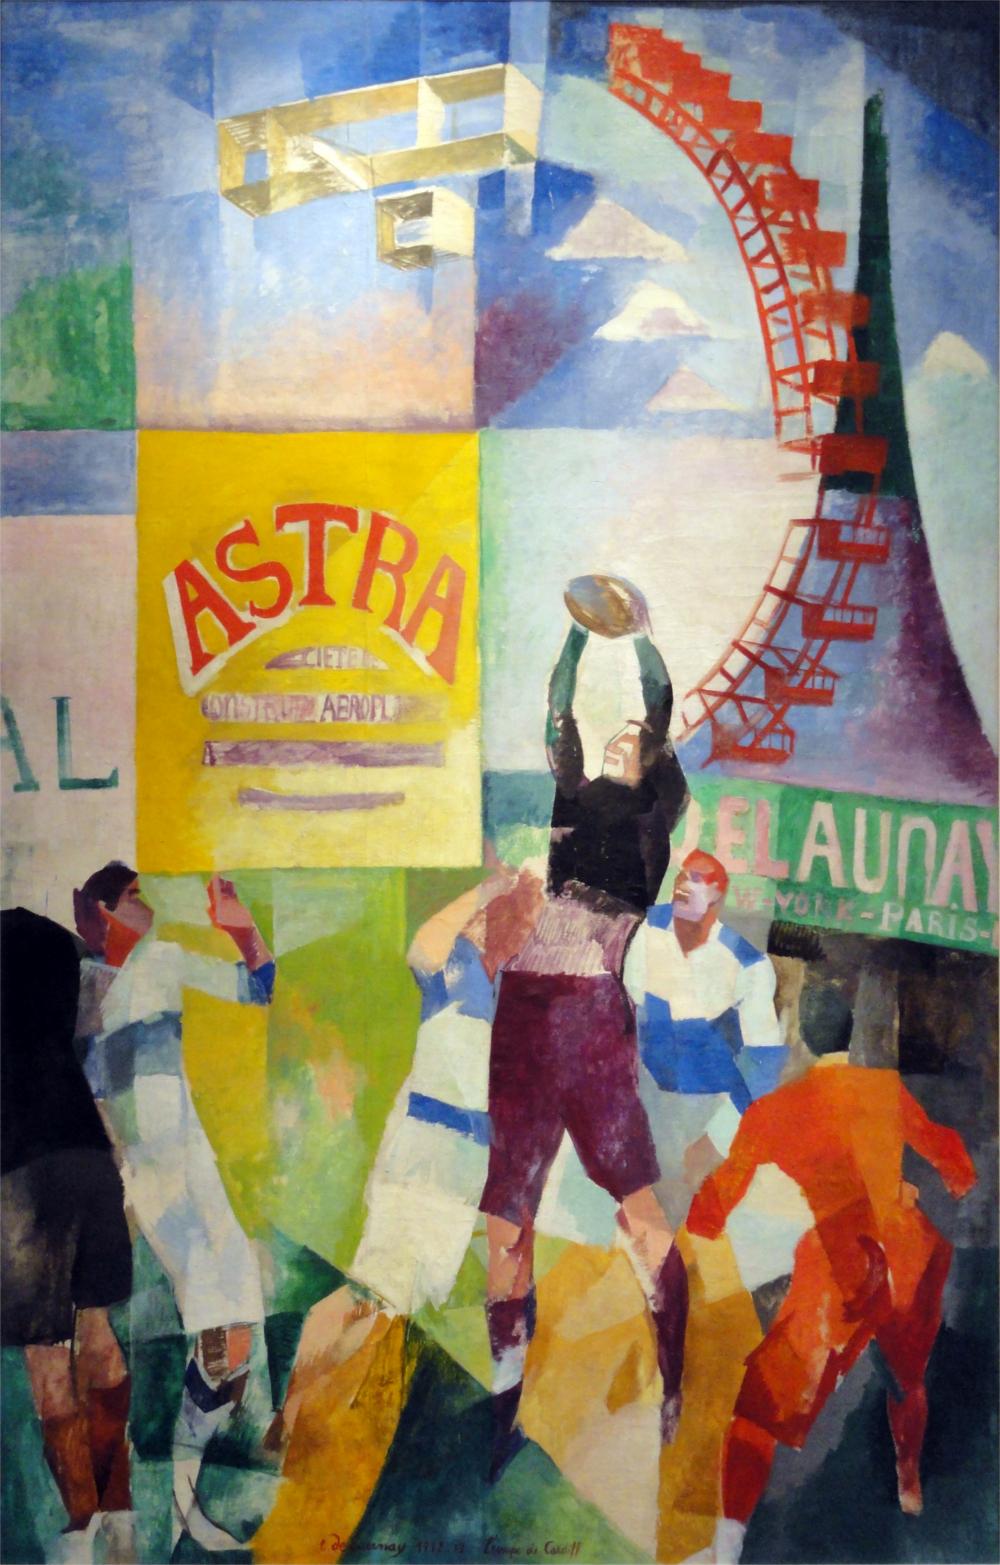 Robert_Delaunay,_1913,_L'Équipe_de_Cardiff,_oil_on_canvas,_326_×_208_cm,_Musée_d'Art_Moderne_de_la_ville_de_Paris